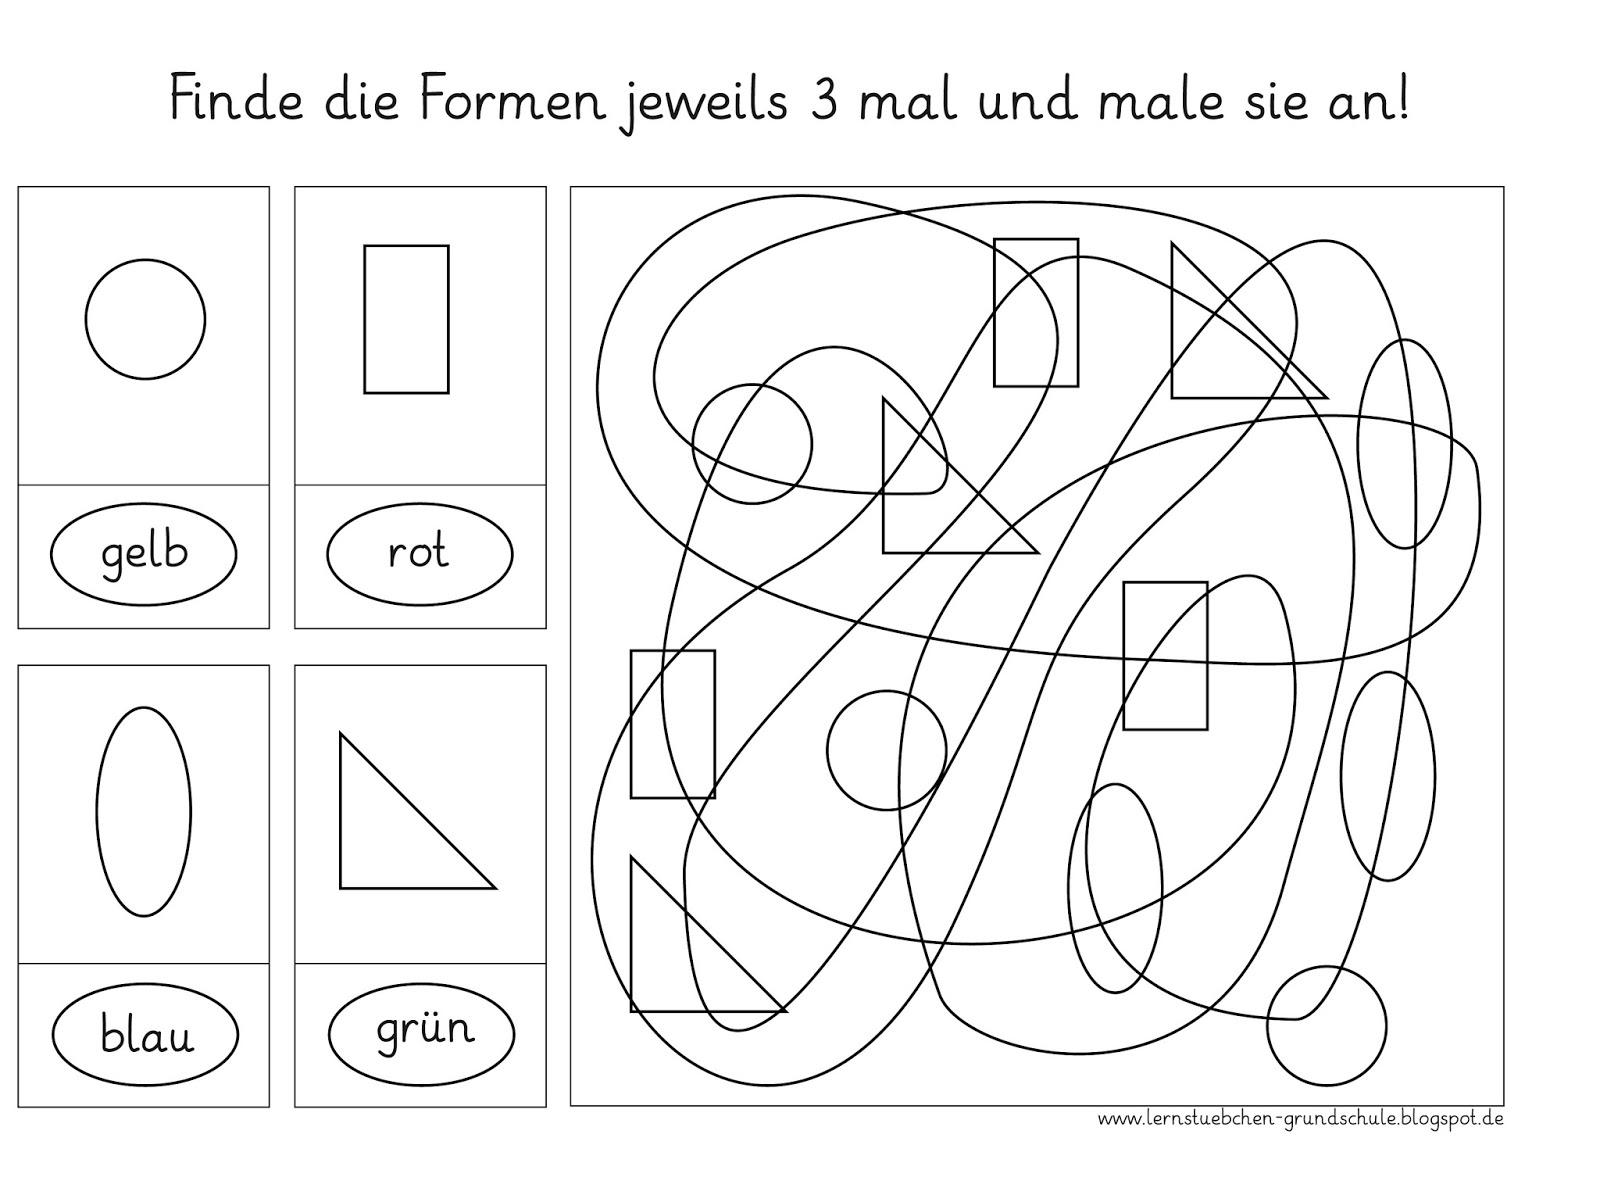 Lernstübchen: Formen finden (1) - die visuelle Wahrnehmung schulen